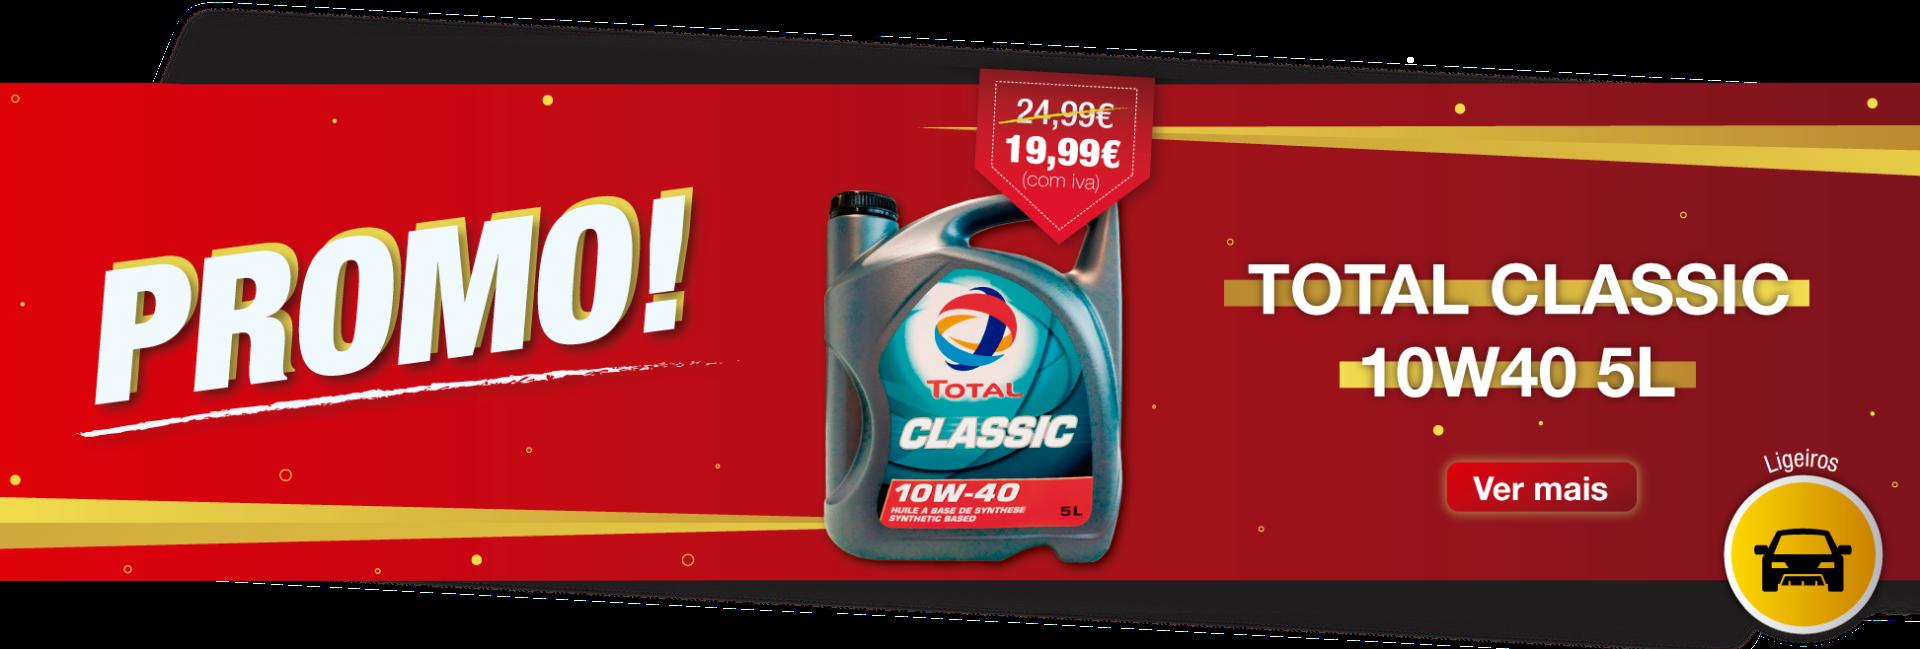 Campanha Total Classic 10W40 5L